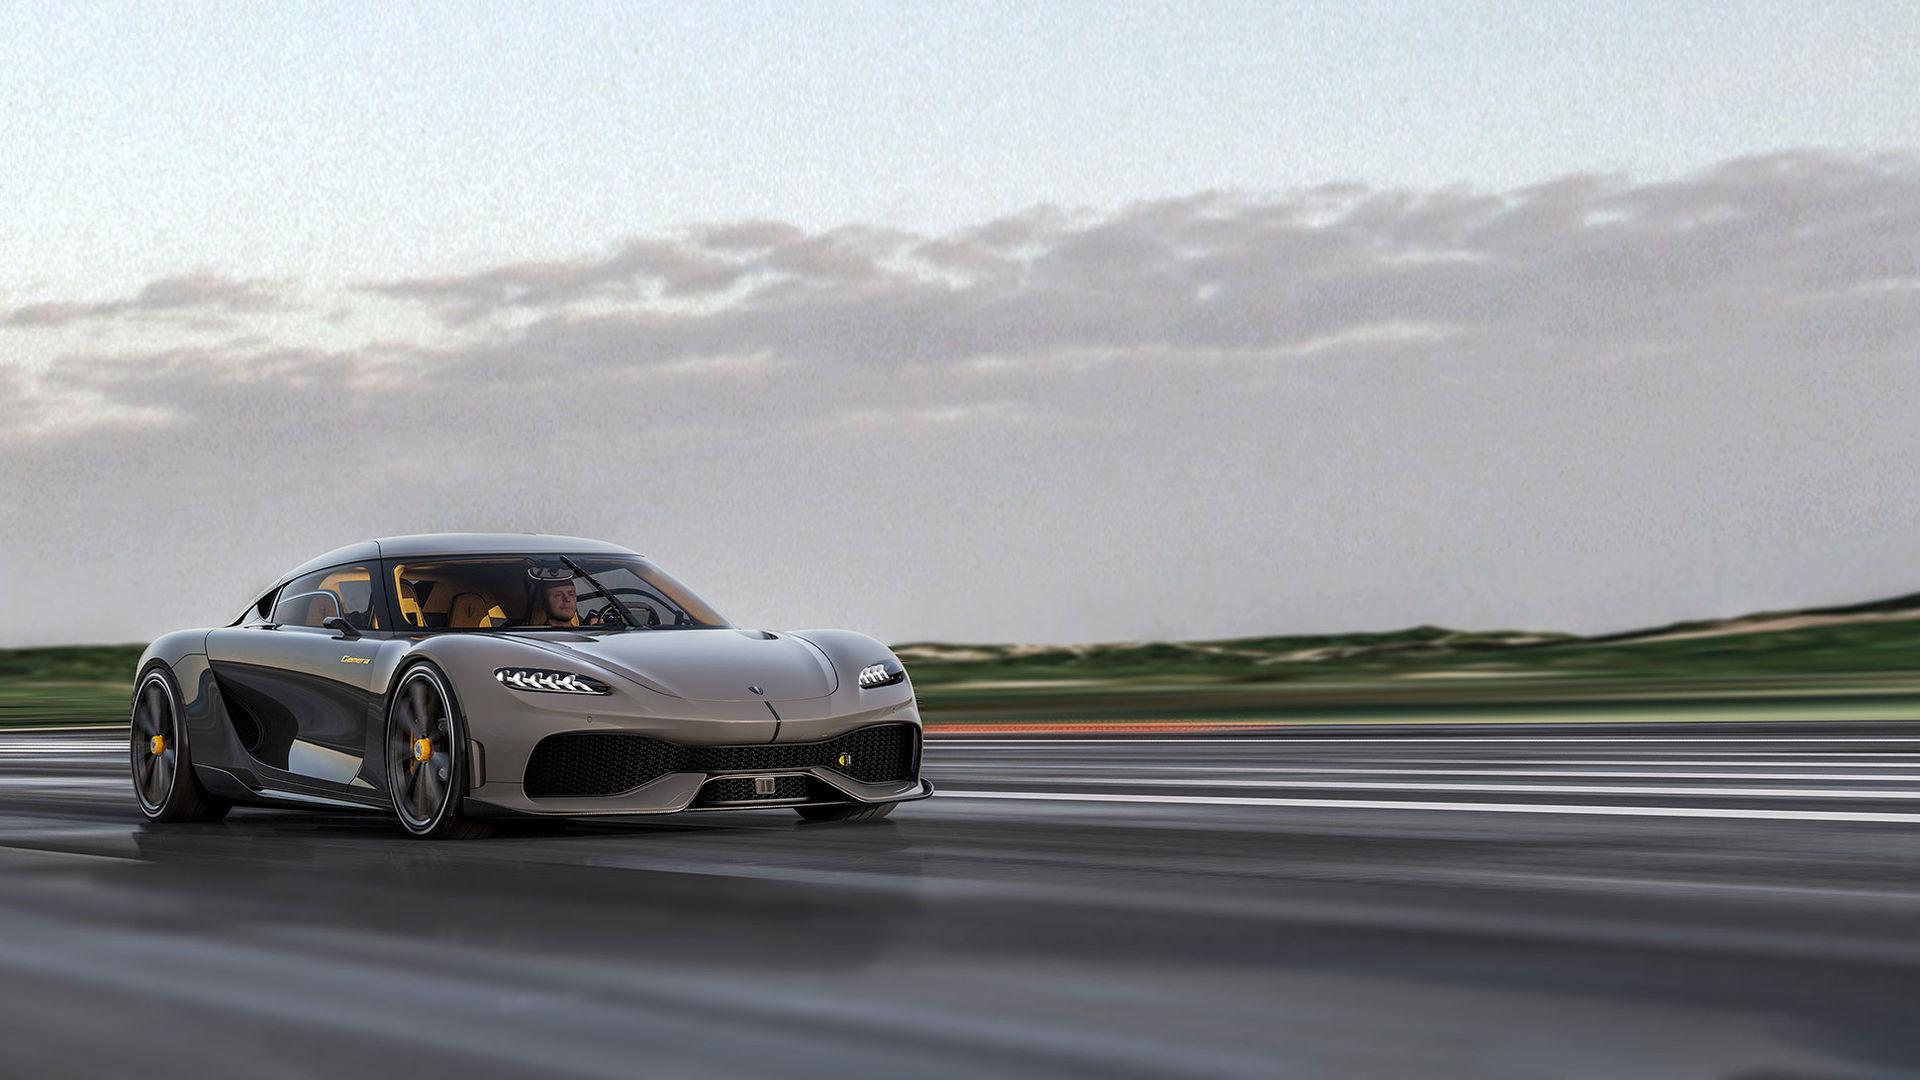 Koenigsegg dundrar ut den nya modellen Gemera